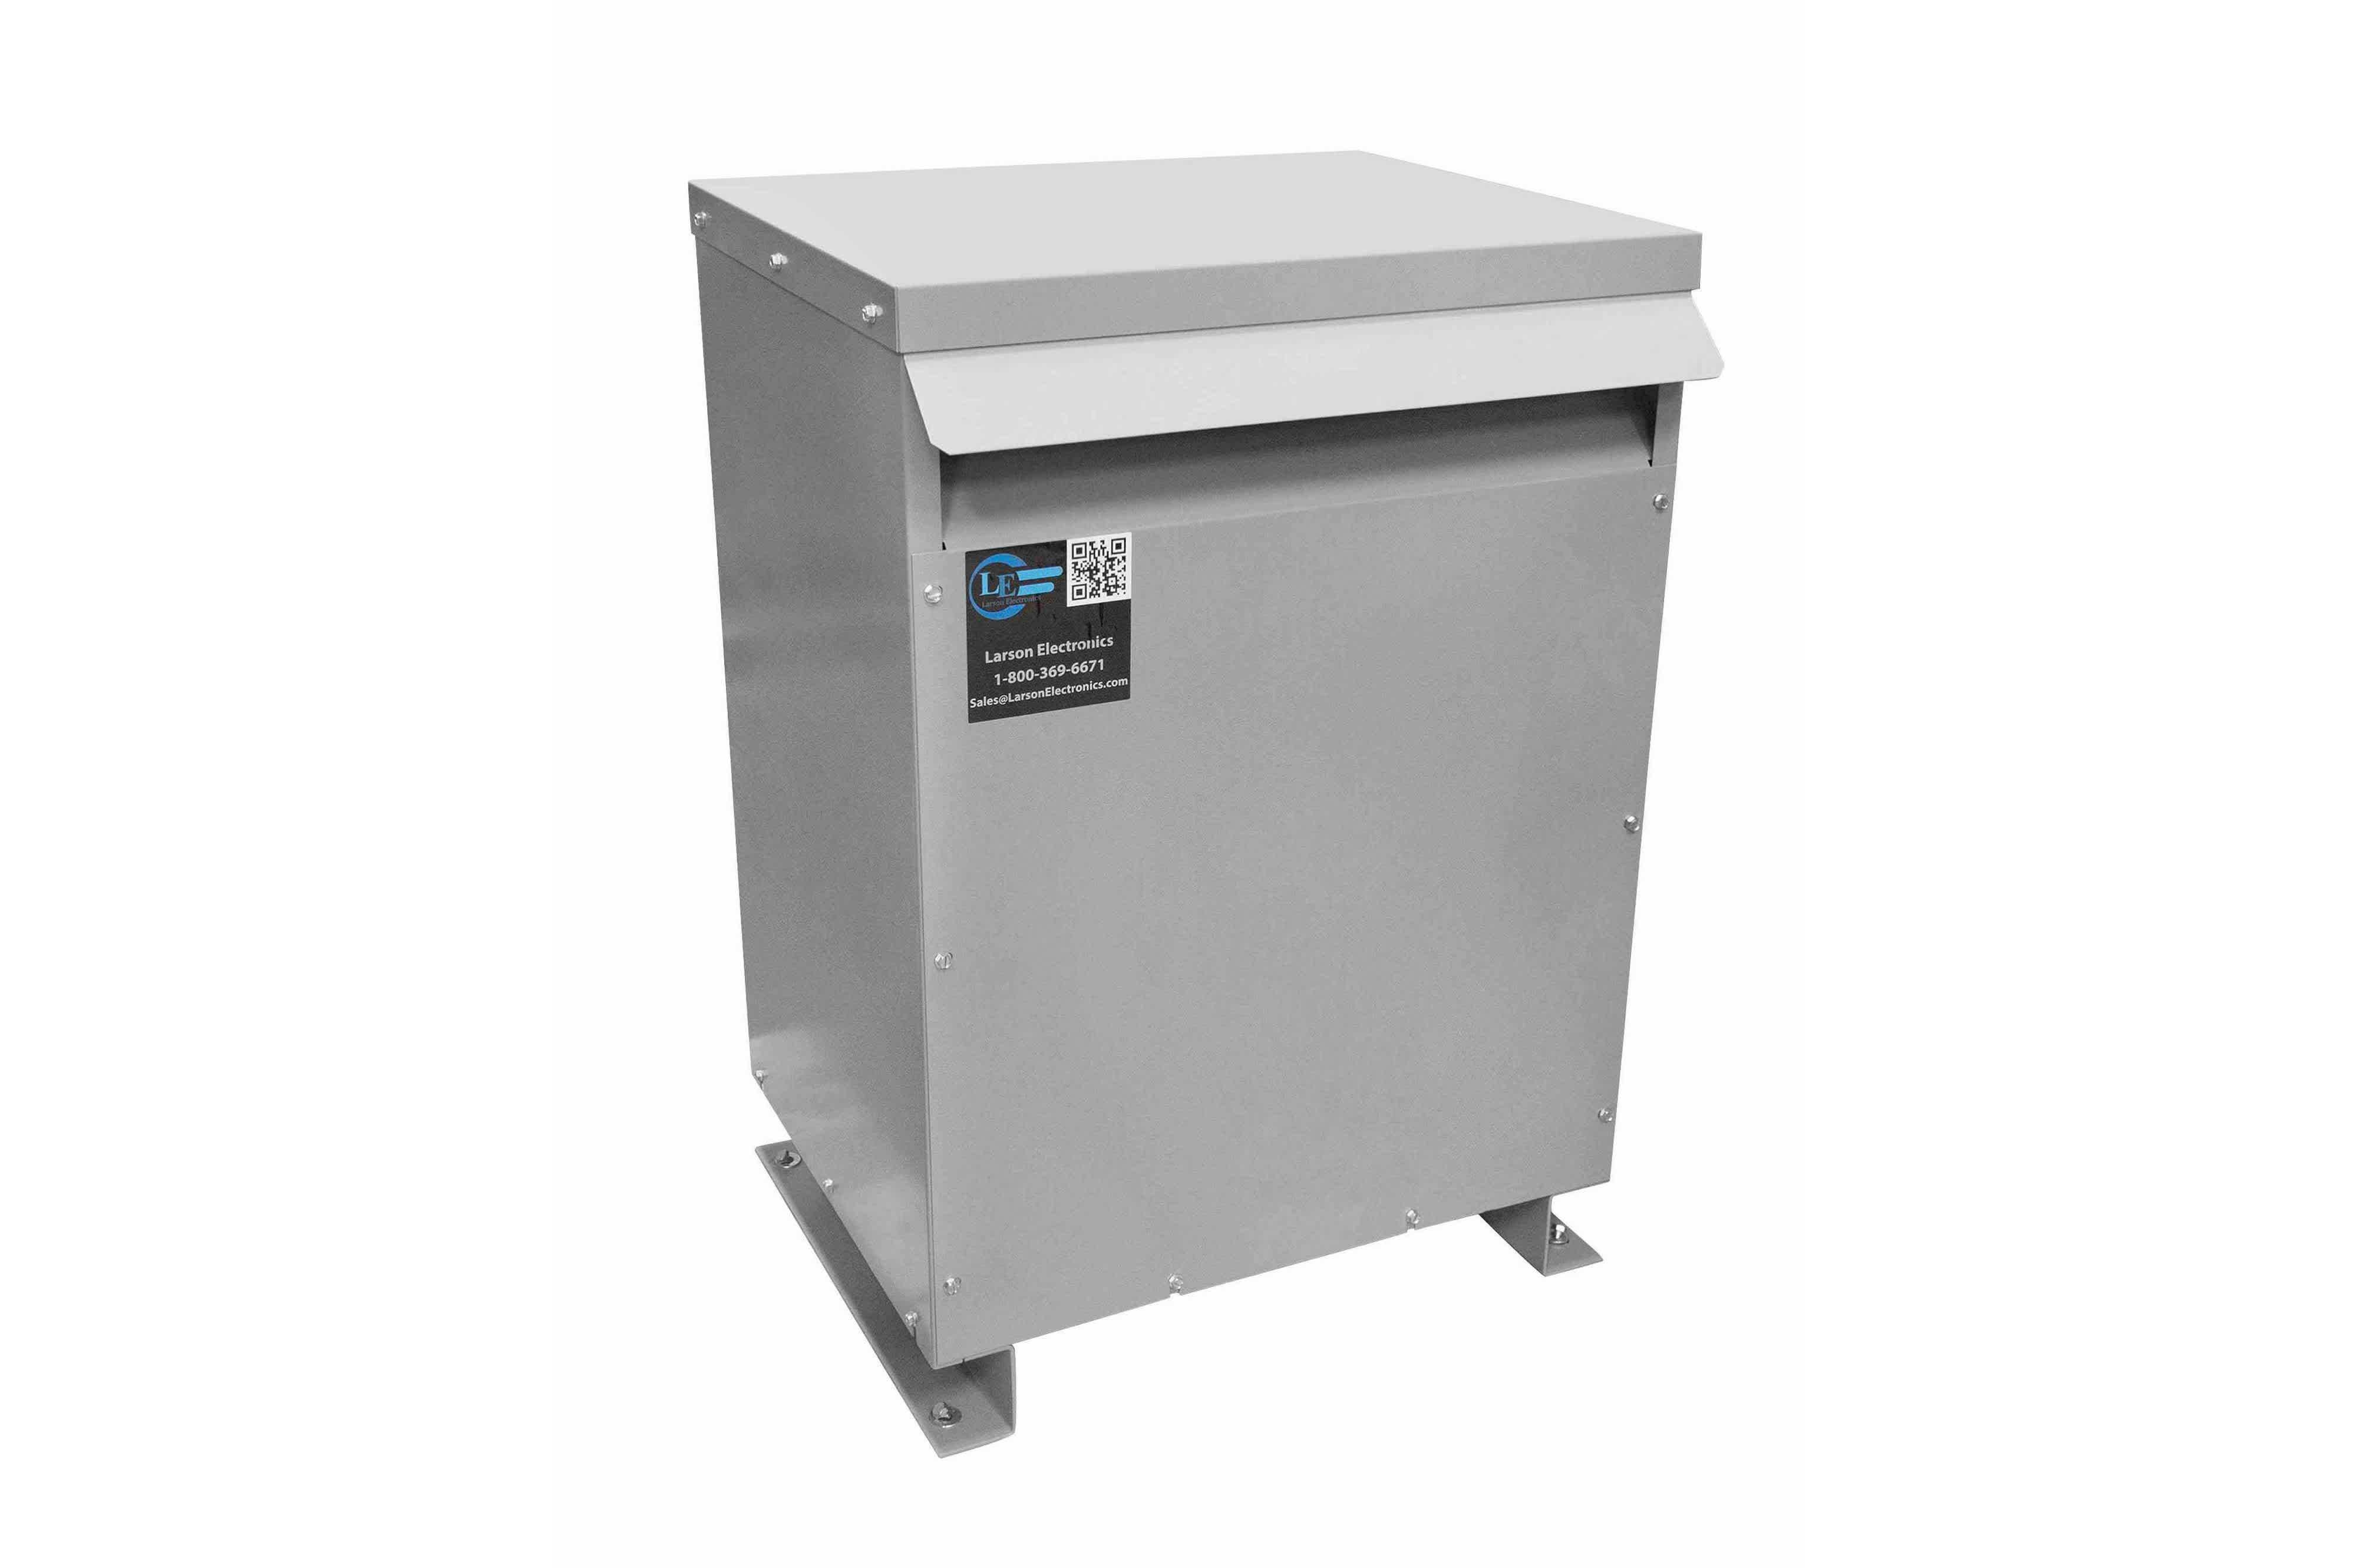 75 kVA 3PH Isolation Transformer, 480V Delta Primary, 380V Delta Secondary, N3R, Ventilated, 60 Hz